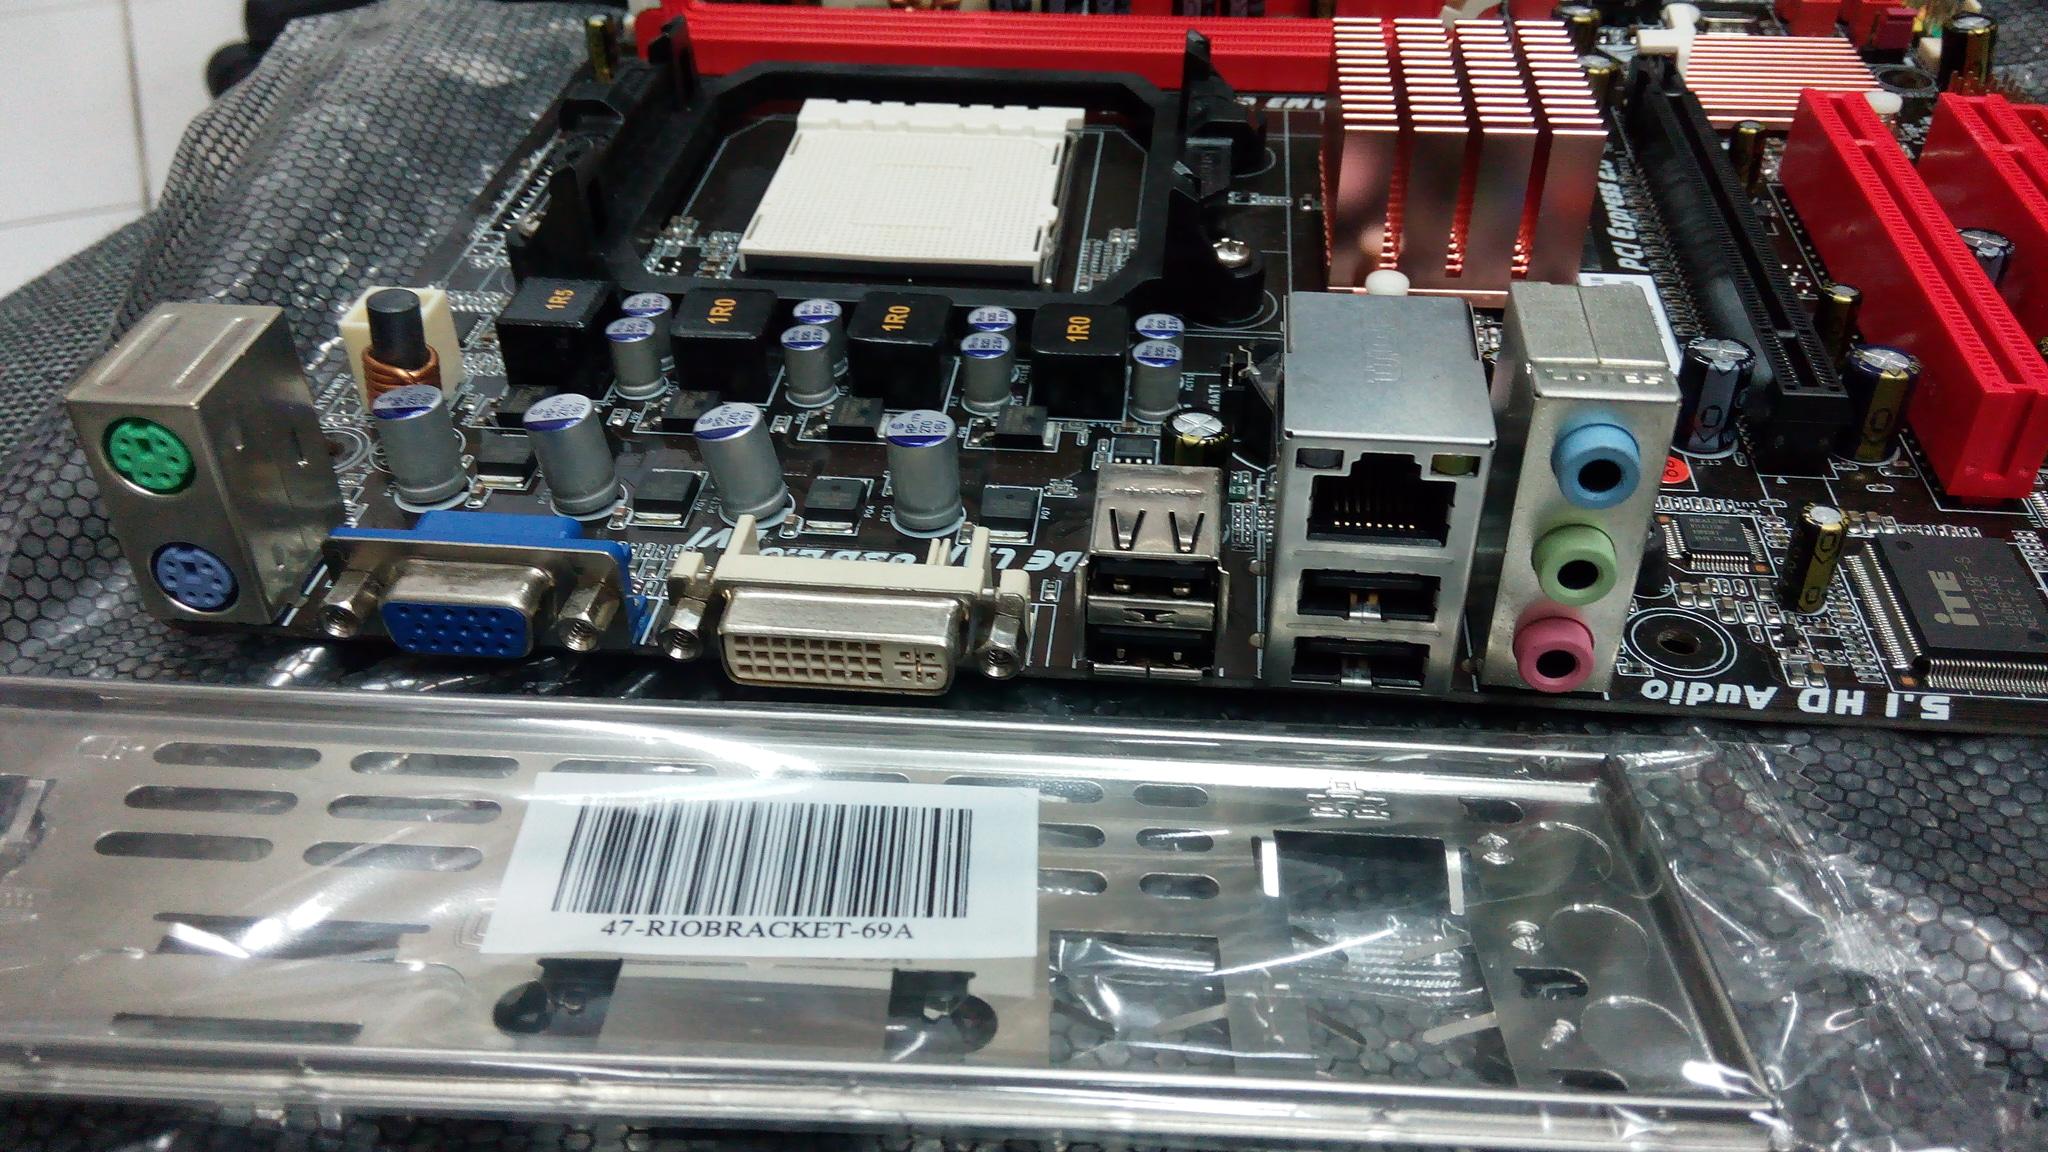 BIOSTAR A780L3C ATI SATA RAID DRIVERS UPDATE